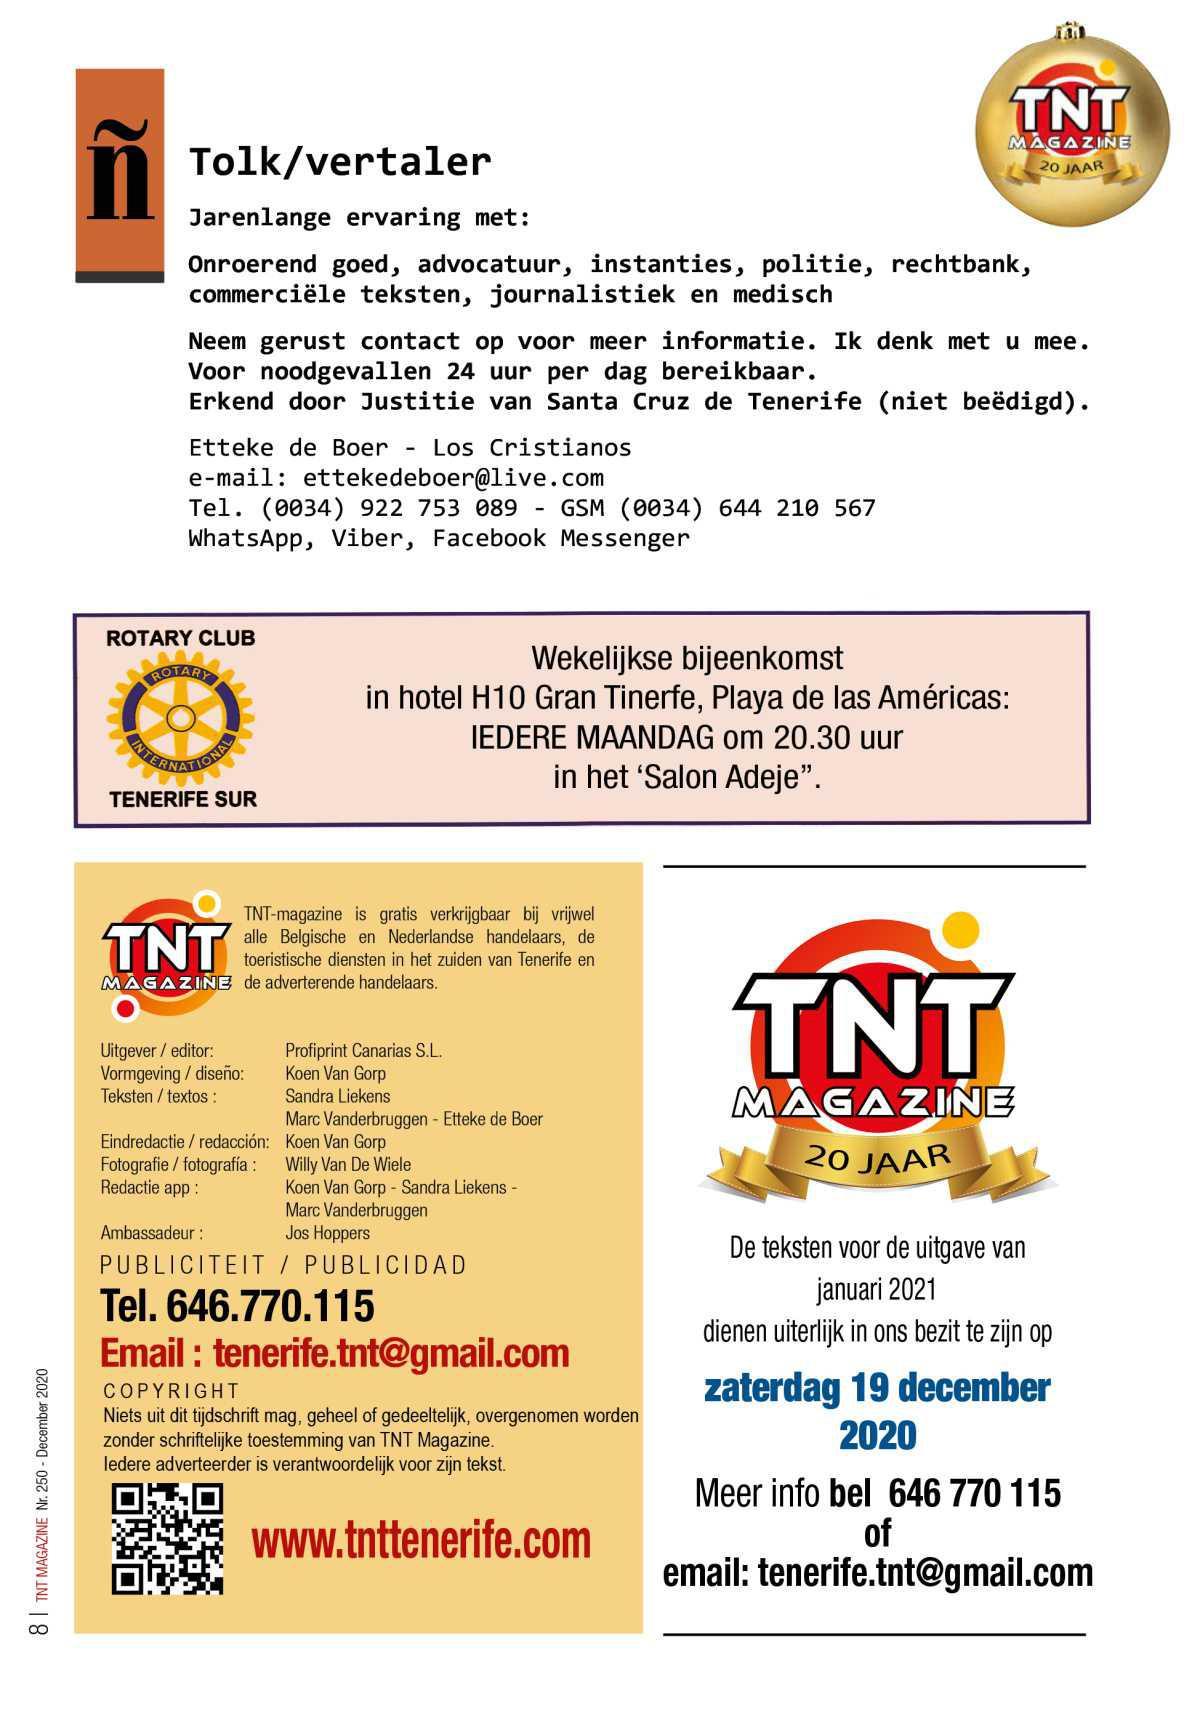 TNT Magazine - december 2020 - digitale versie